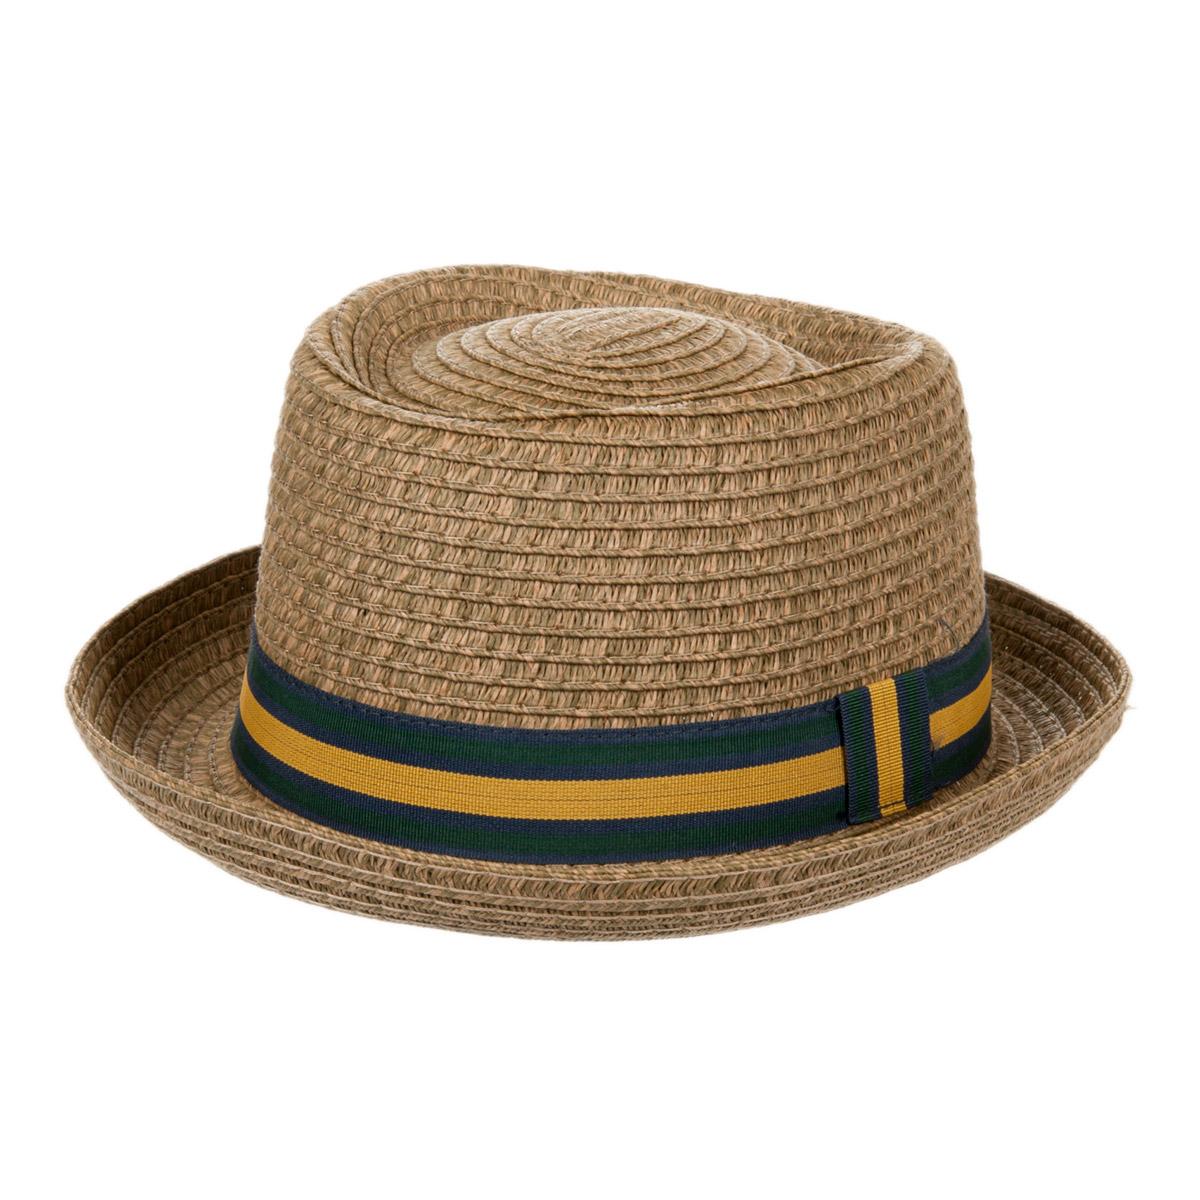 Cool pork pie summer hat